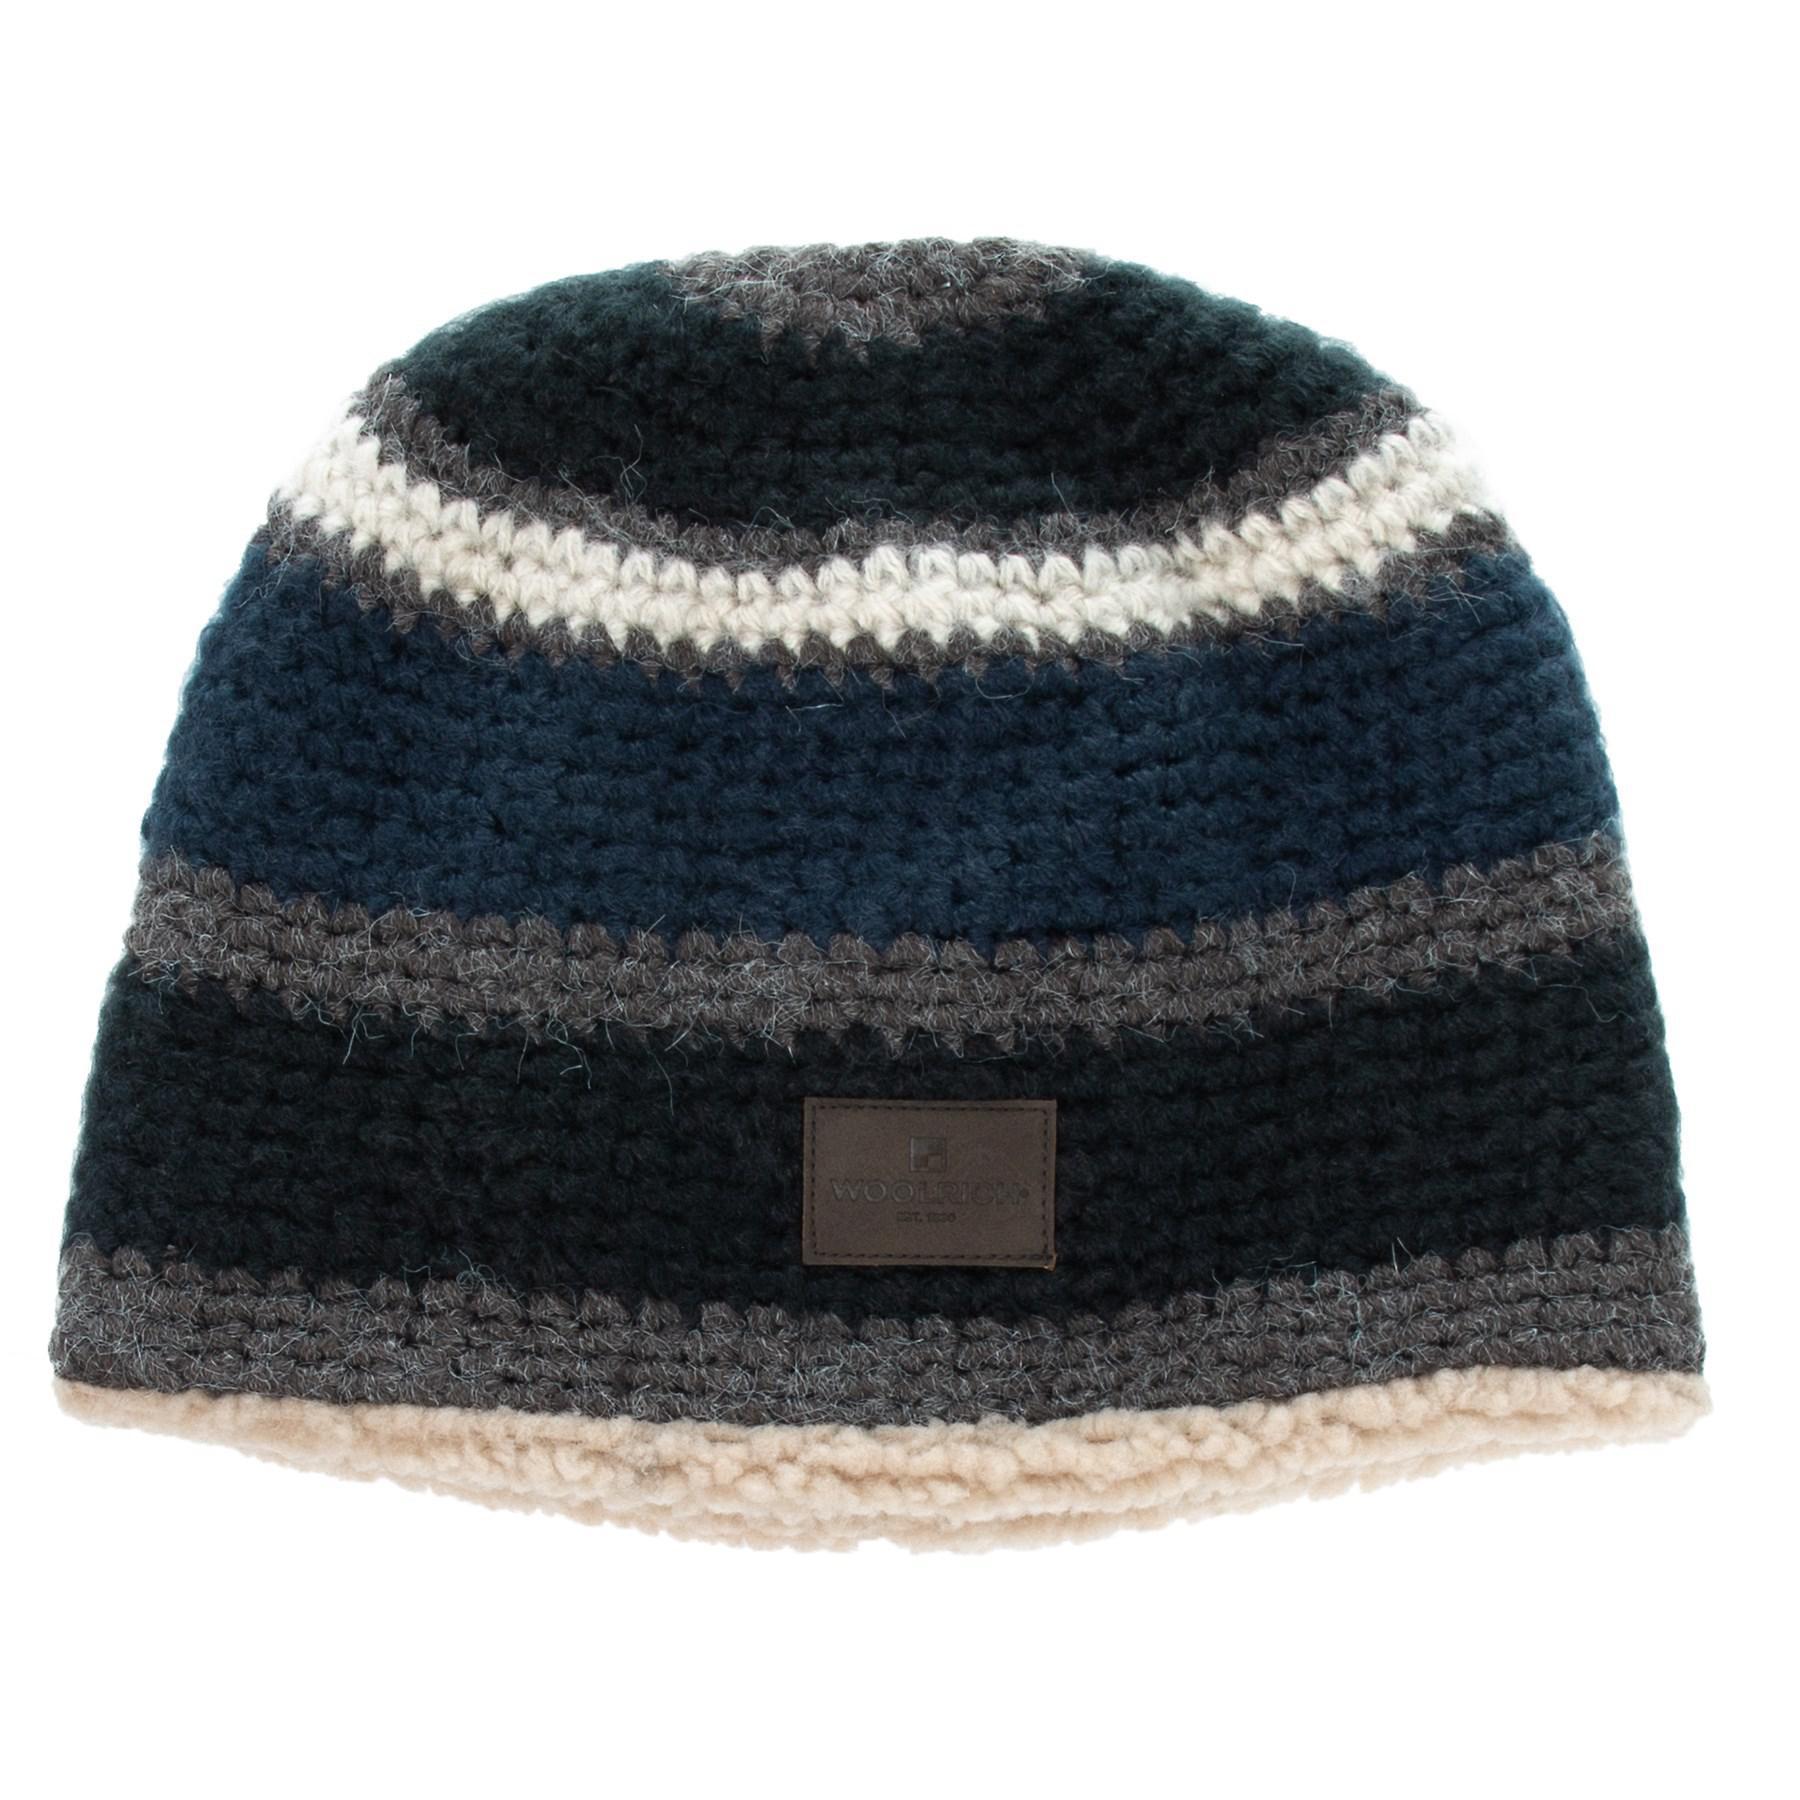 Lyst - Woolrich Stripe Faux-sherpa Beanie (for Men) in Blue for Men 8e4c3f819bdc